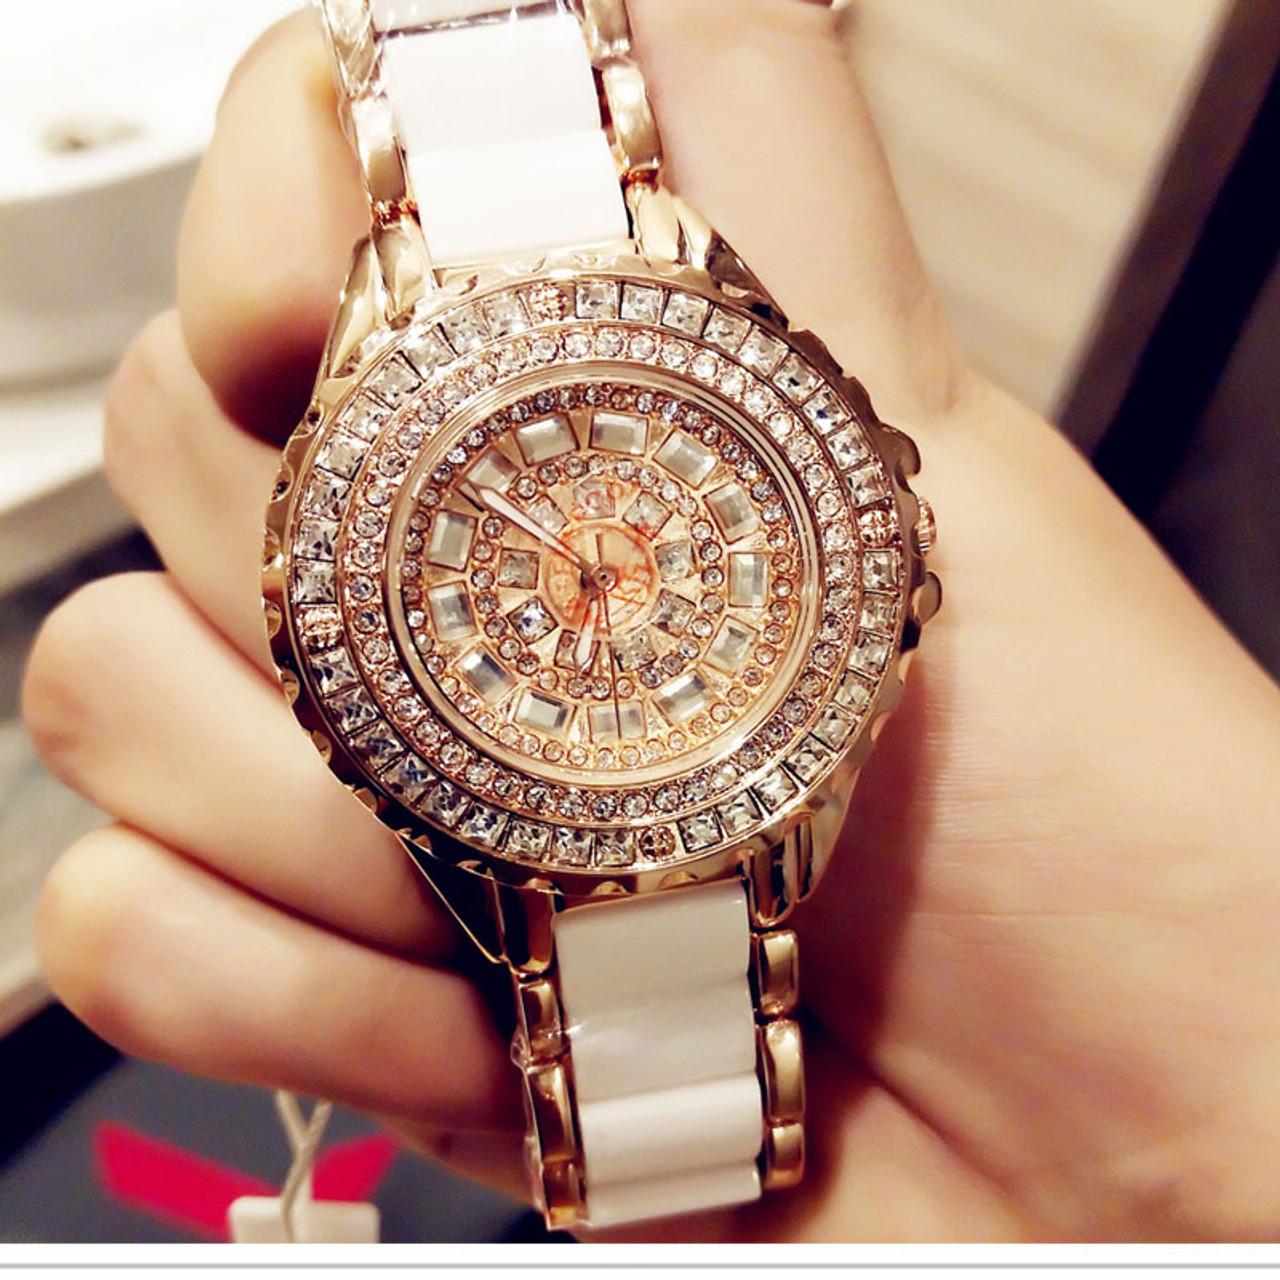 0a85d00ec24 Luxury Brand Fashion Jewelry Bracelet Stainless Steel Ceramic Rhinestone  Watches Women Ladies Watch Quartz Wristwatch For ...